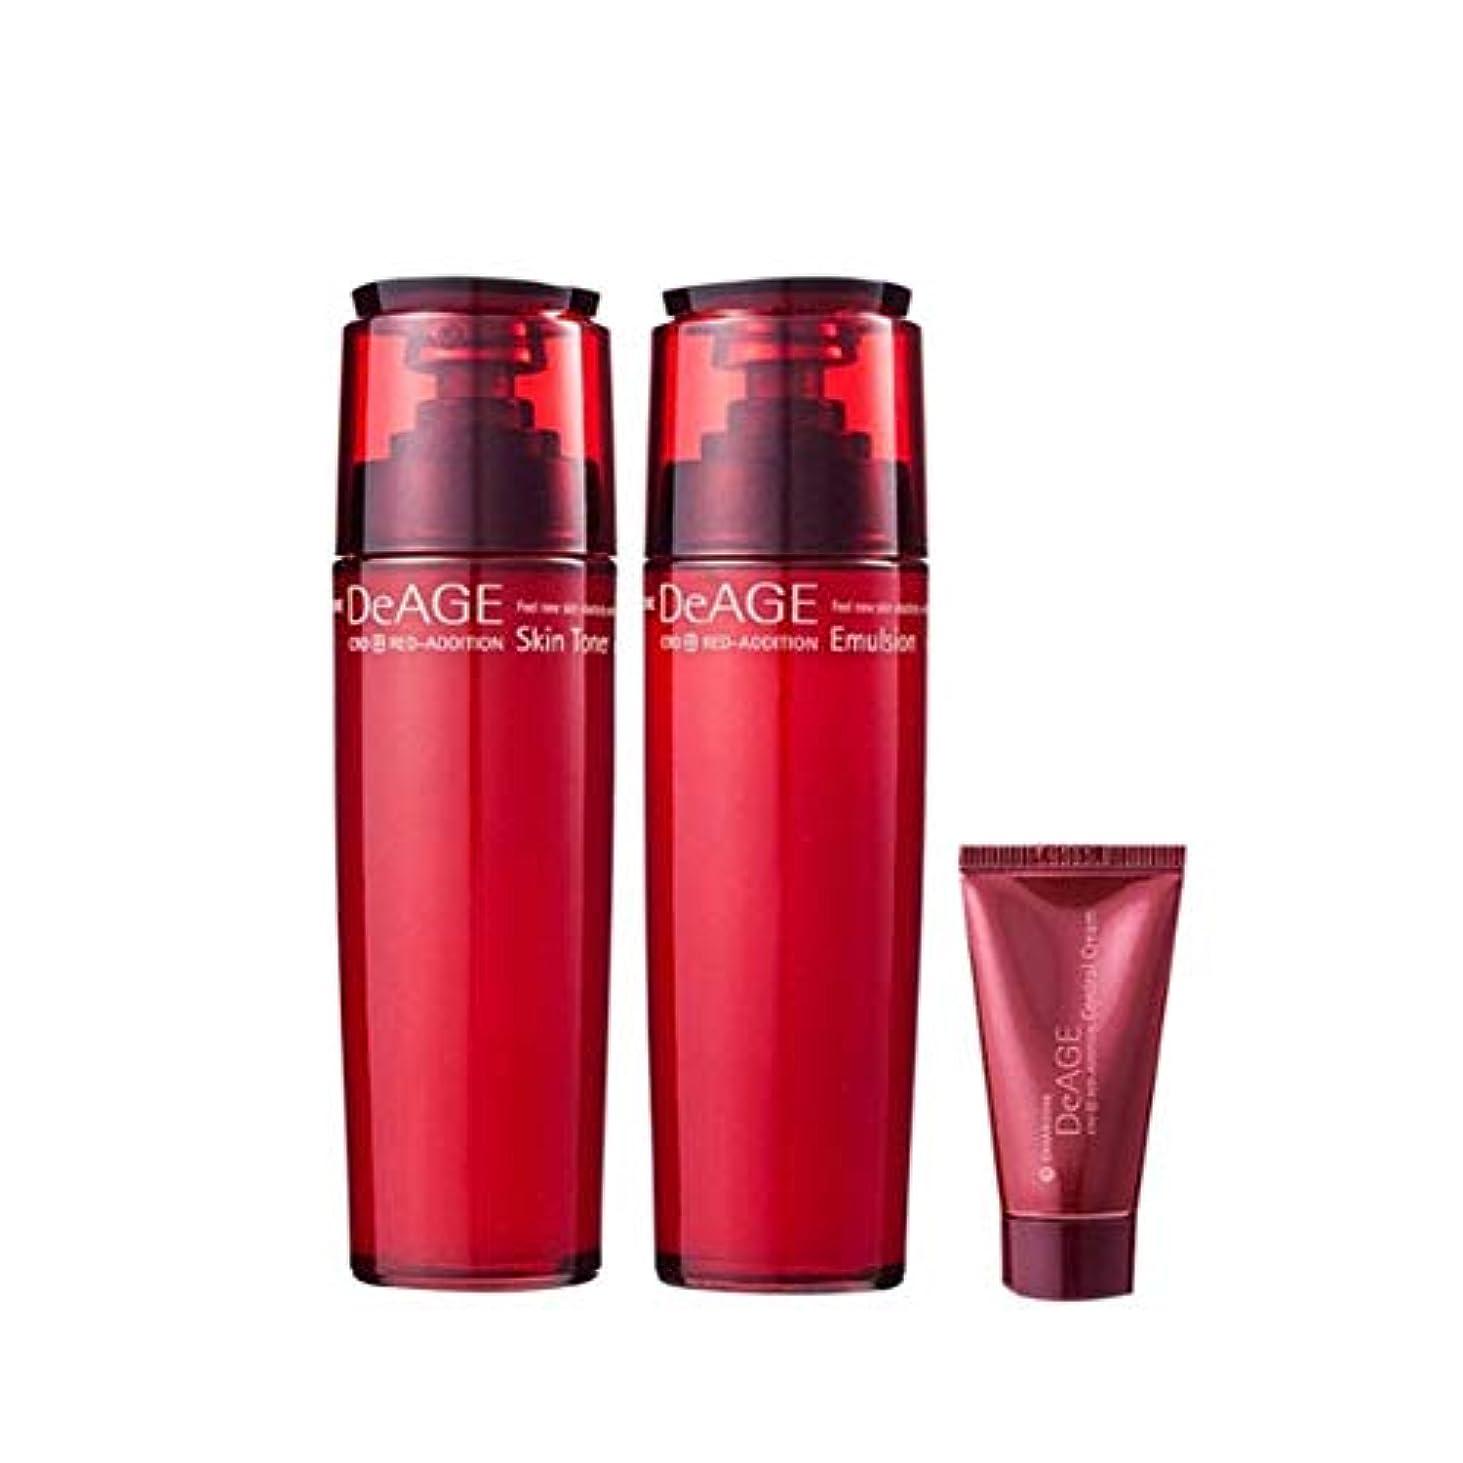 グレートバリアリーフ操作可能小川チャムジョンディエイジレッドエディションセット(スキントナー130ml、エマルジョン130ml、コントロールクリーム15ml)、Charmzone DeAGE Red Addition Set(Skin Toner 130ml...